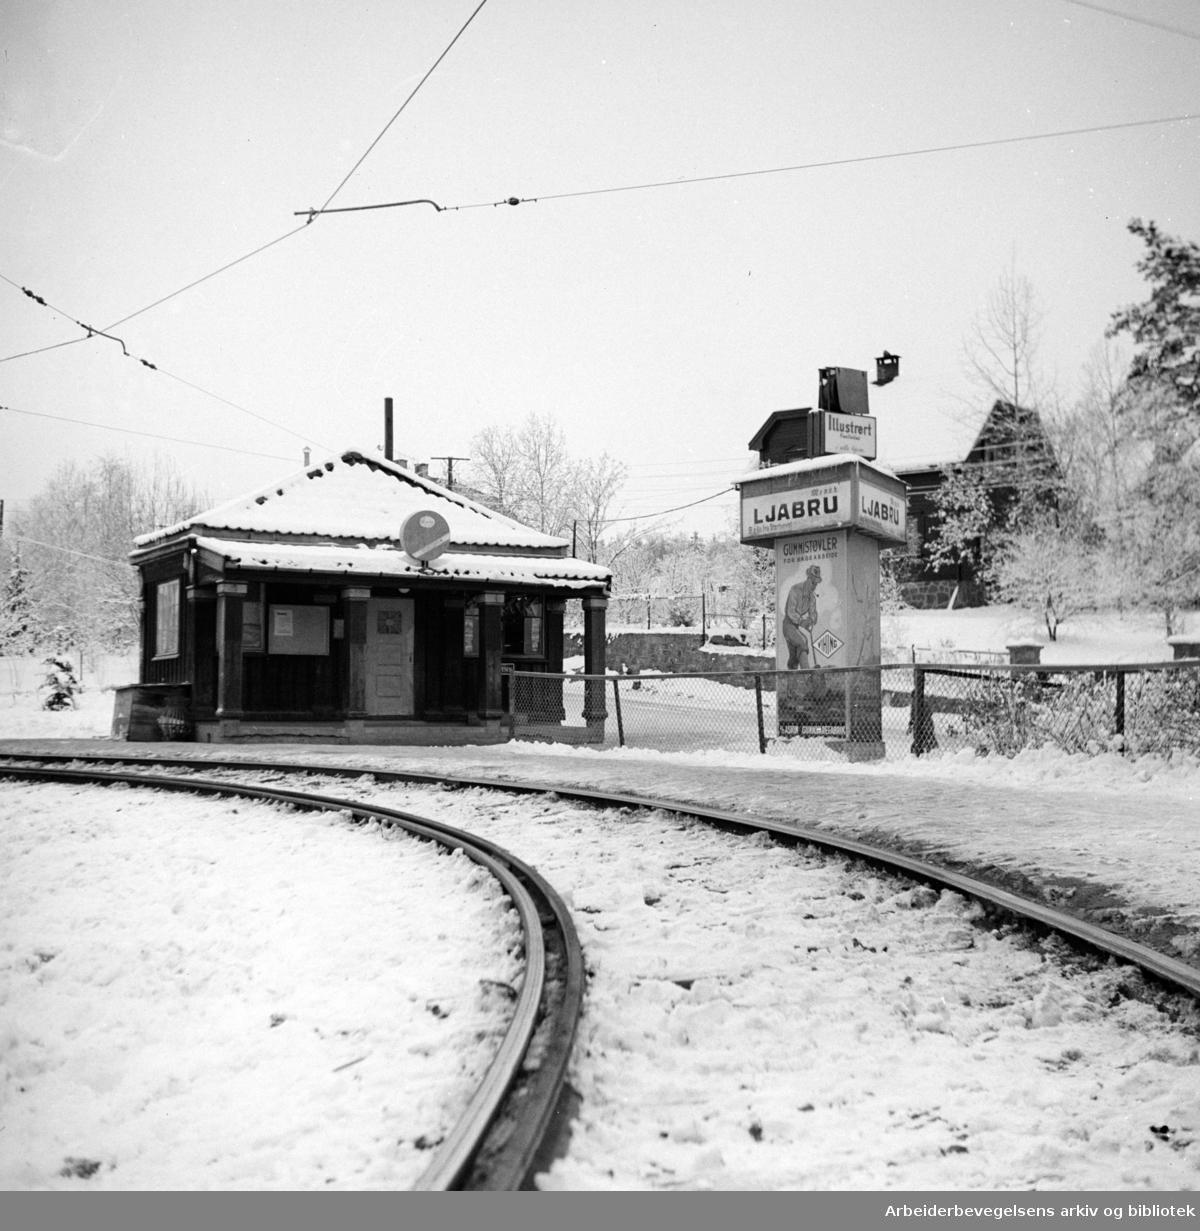 Ljabru stasjon på Ekebergbanen. November 1947